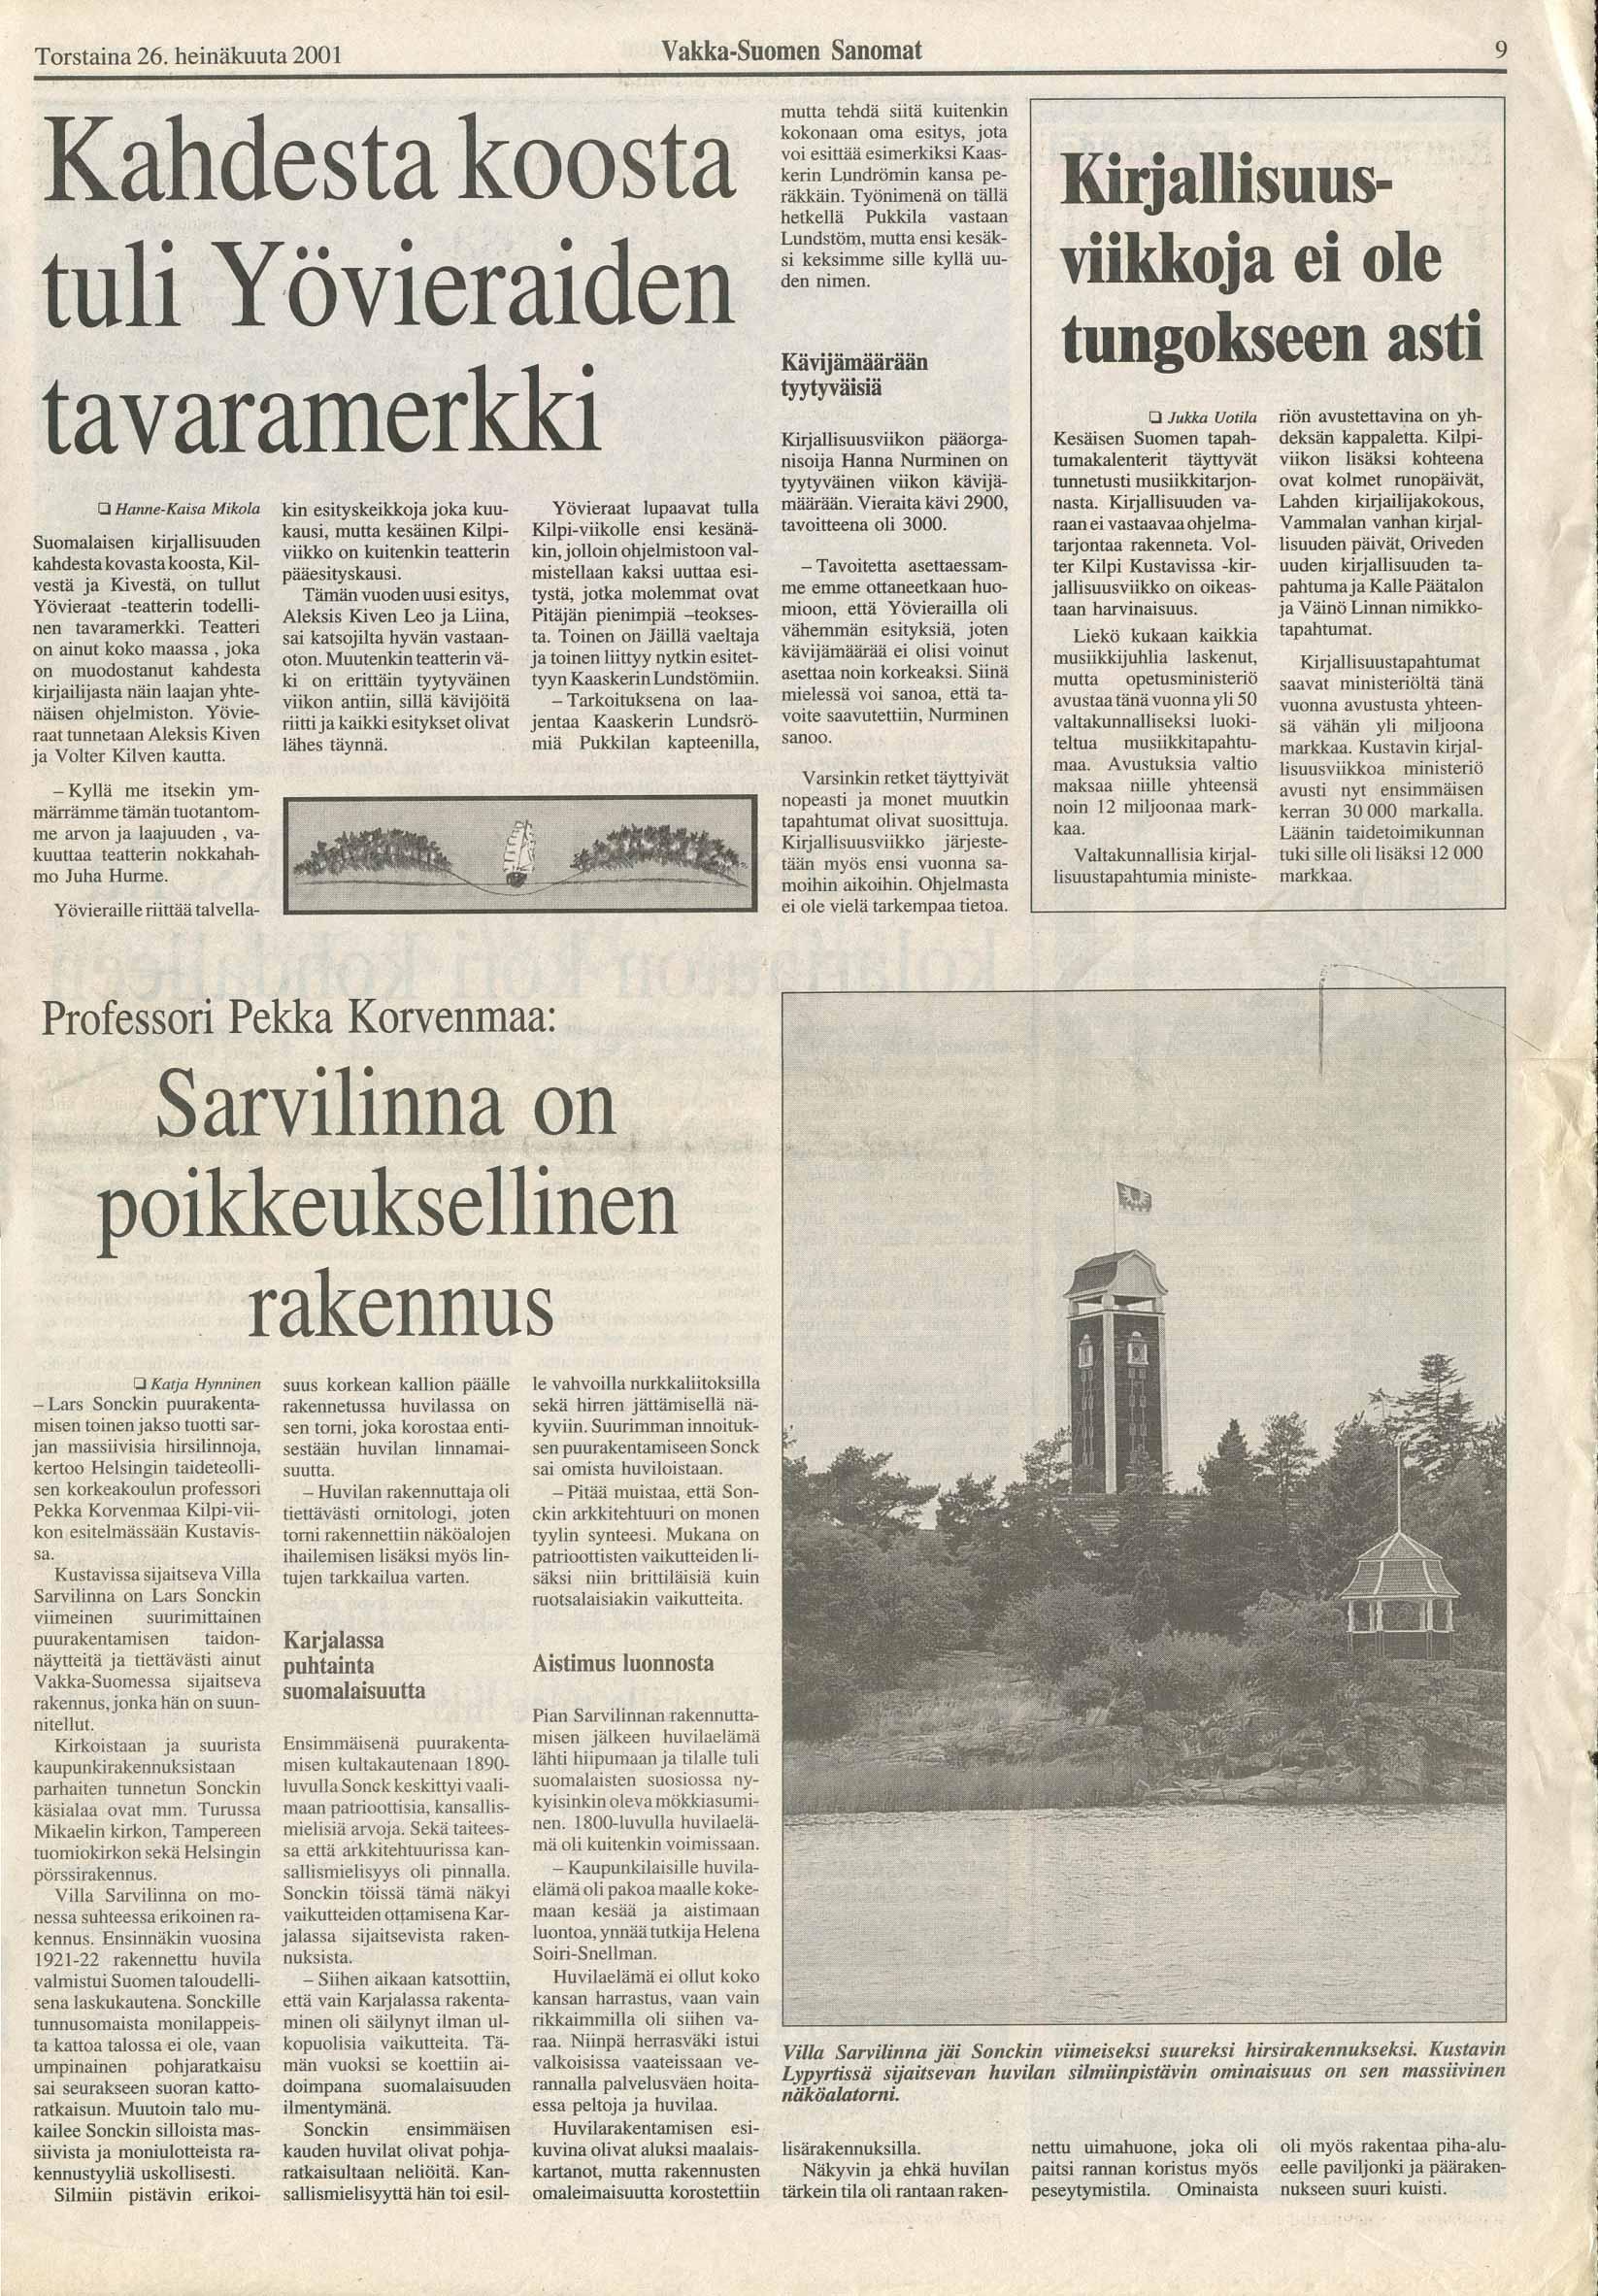 Vakka-Suomen Sanomat 260701